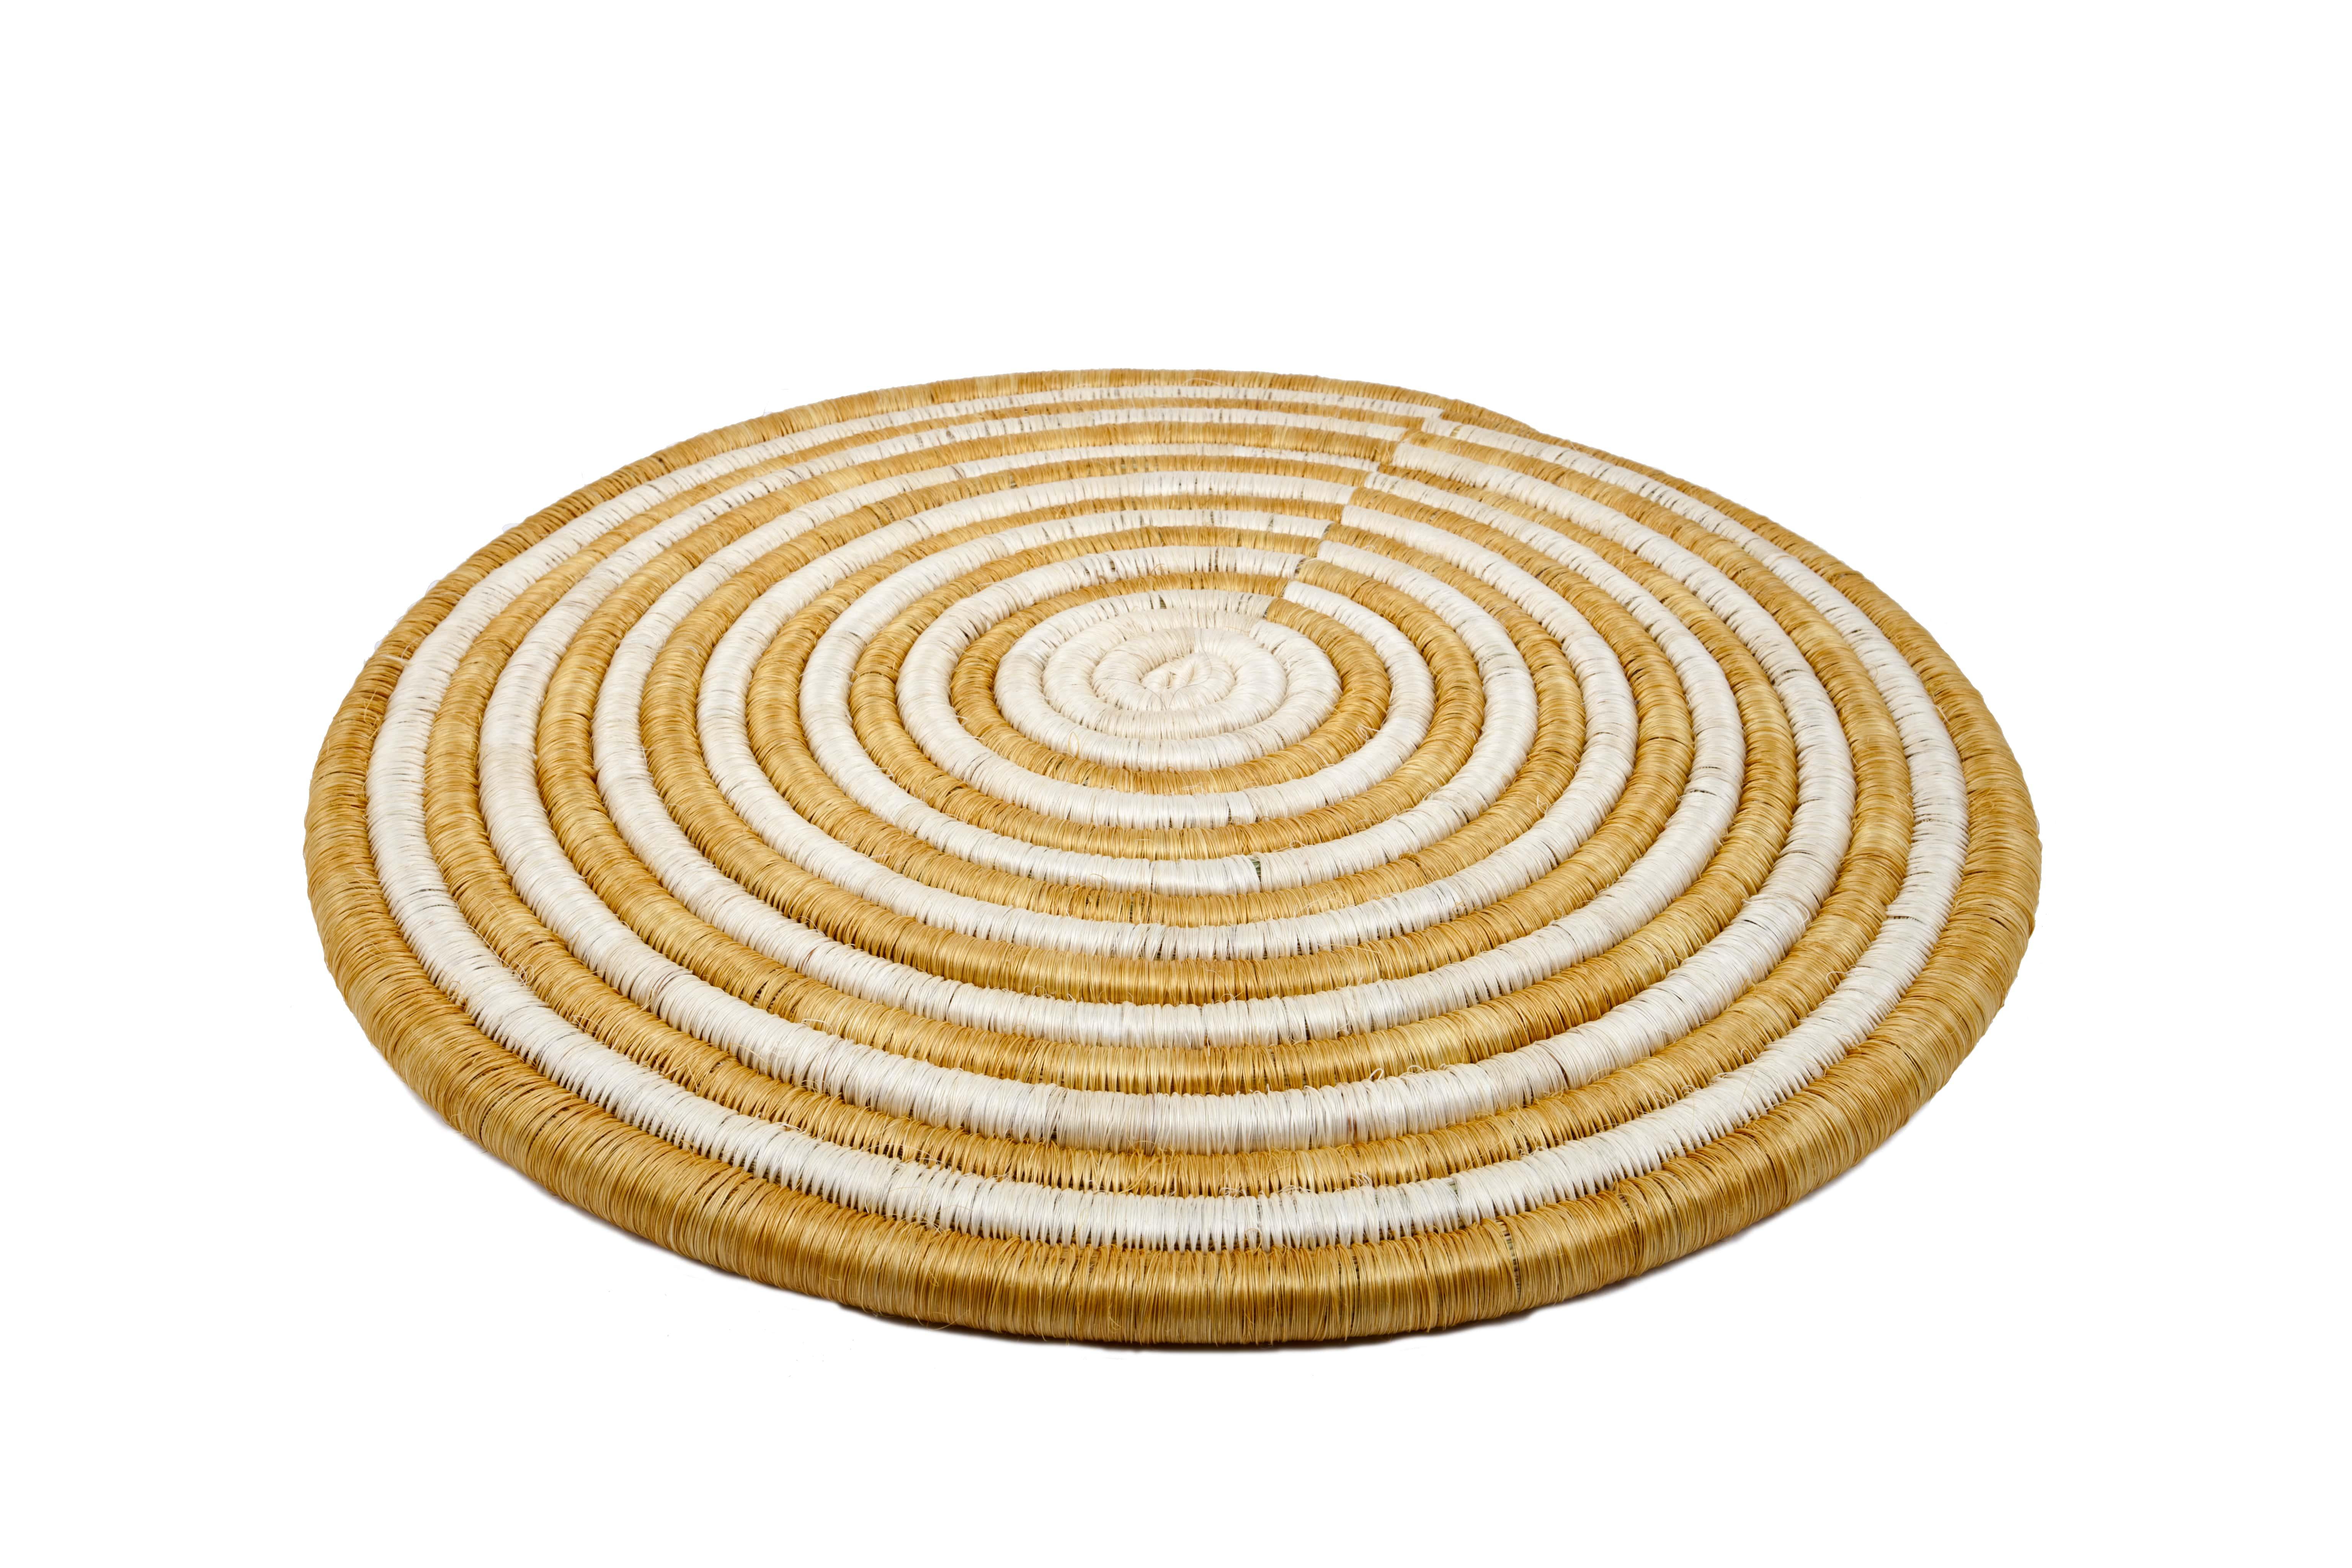 Guacamaya placemat set, gold